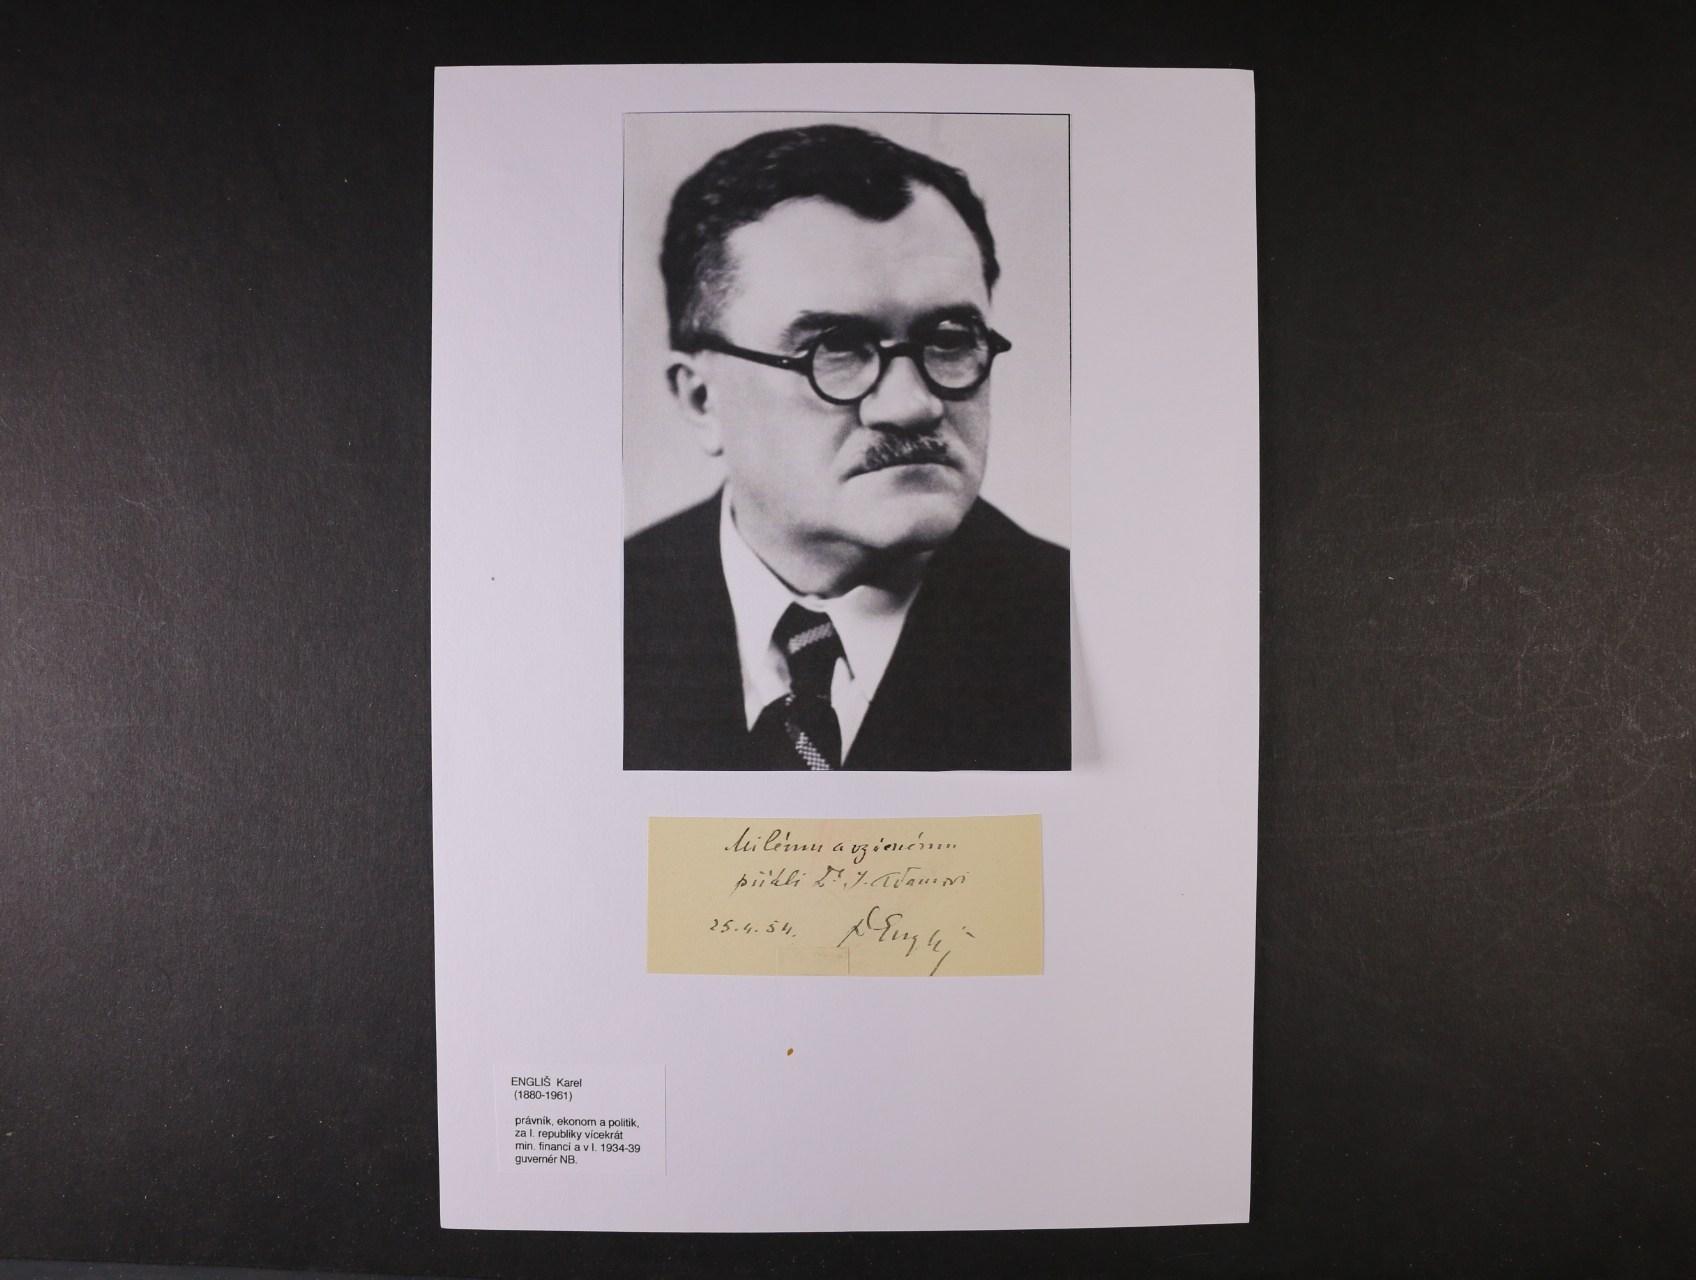 Engliš Karel 1880 - 1961, právník, ekonom a politik, ministr financí a guvernér nár. banky v letech 1934 - 9 - kartička s věnováním a vlastnoručním podpisem s datací 25.4.54